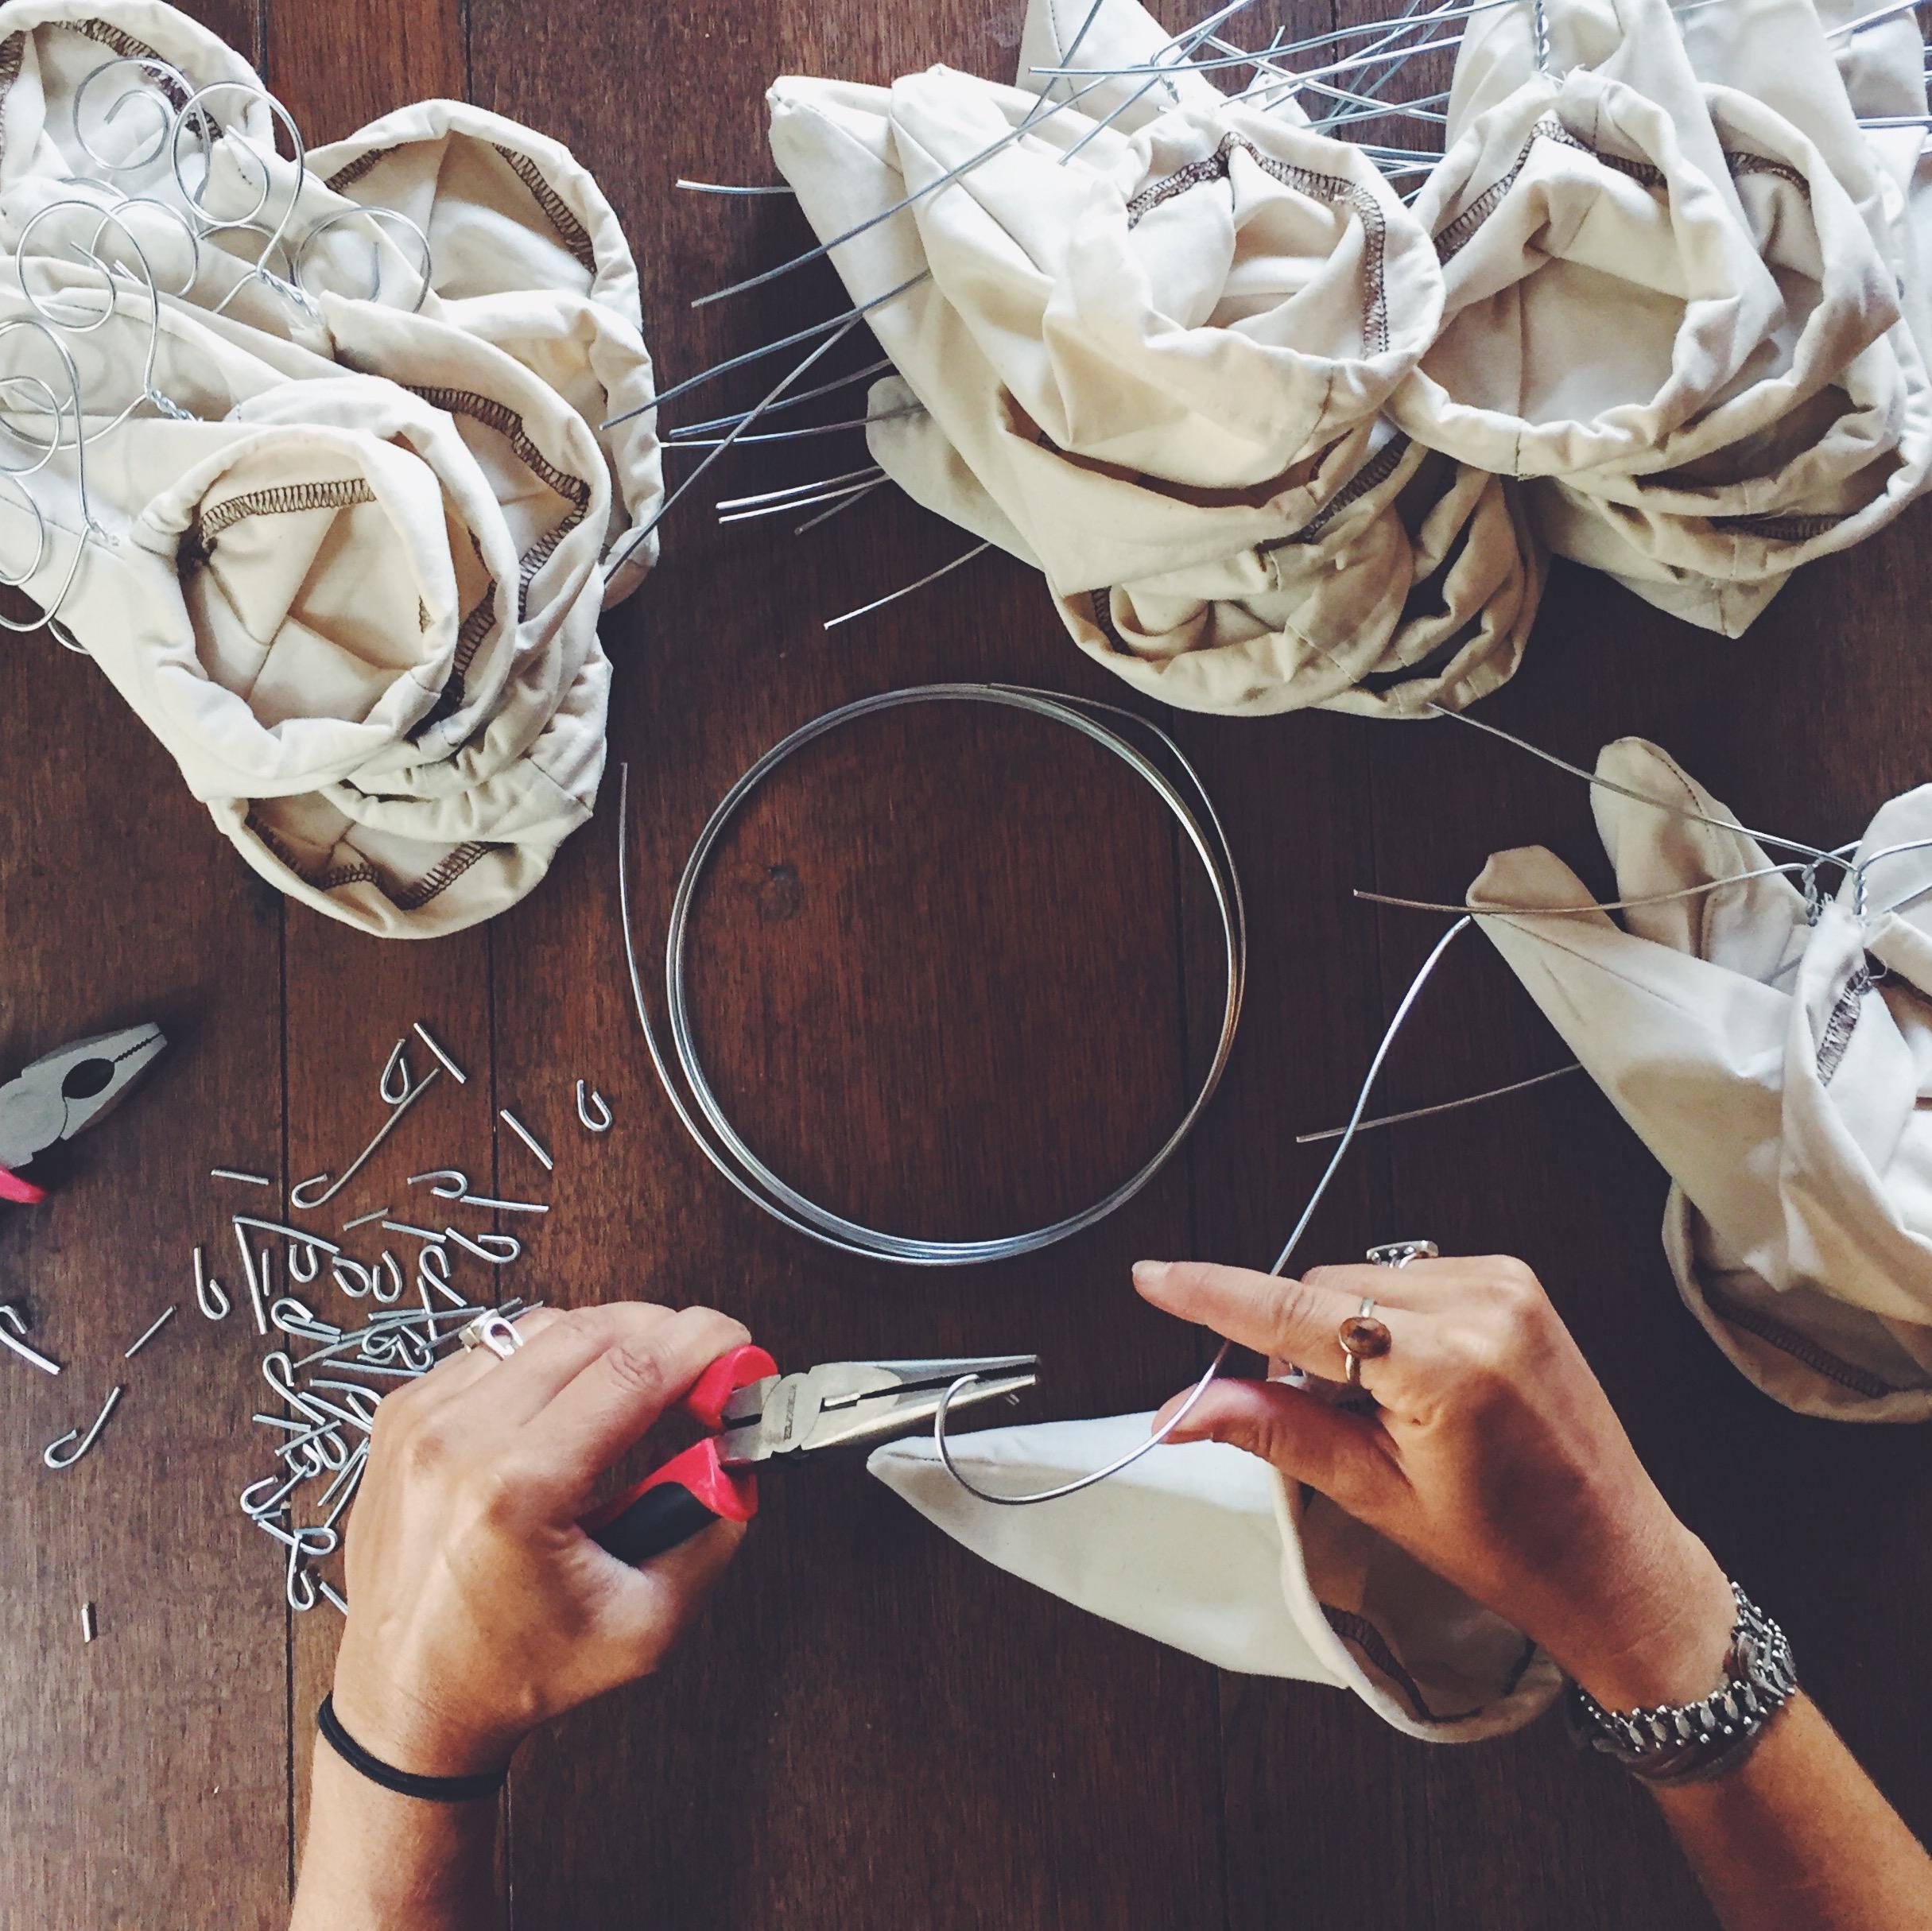 Making our chorreador-inspired travel socks -